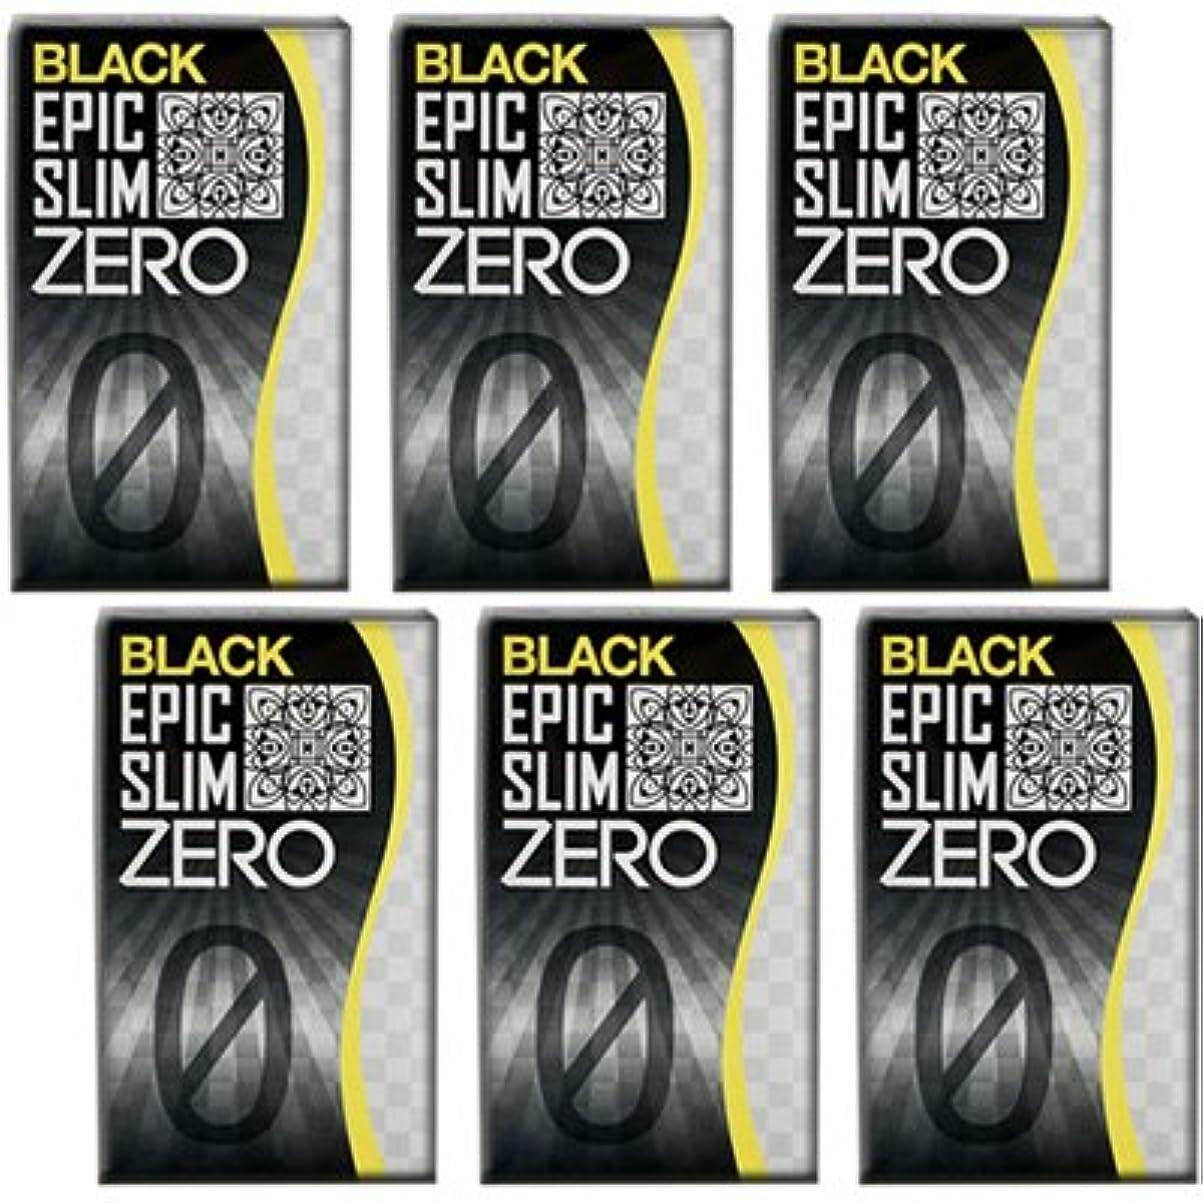 ブル爆風ブラケットブラック エピックスリム ゼロ ブラック 6個セット!  Epic Slim ZERO BLACK ×6個